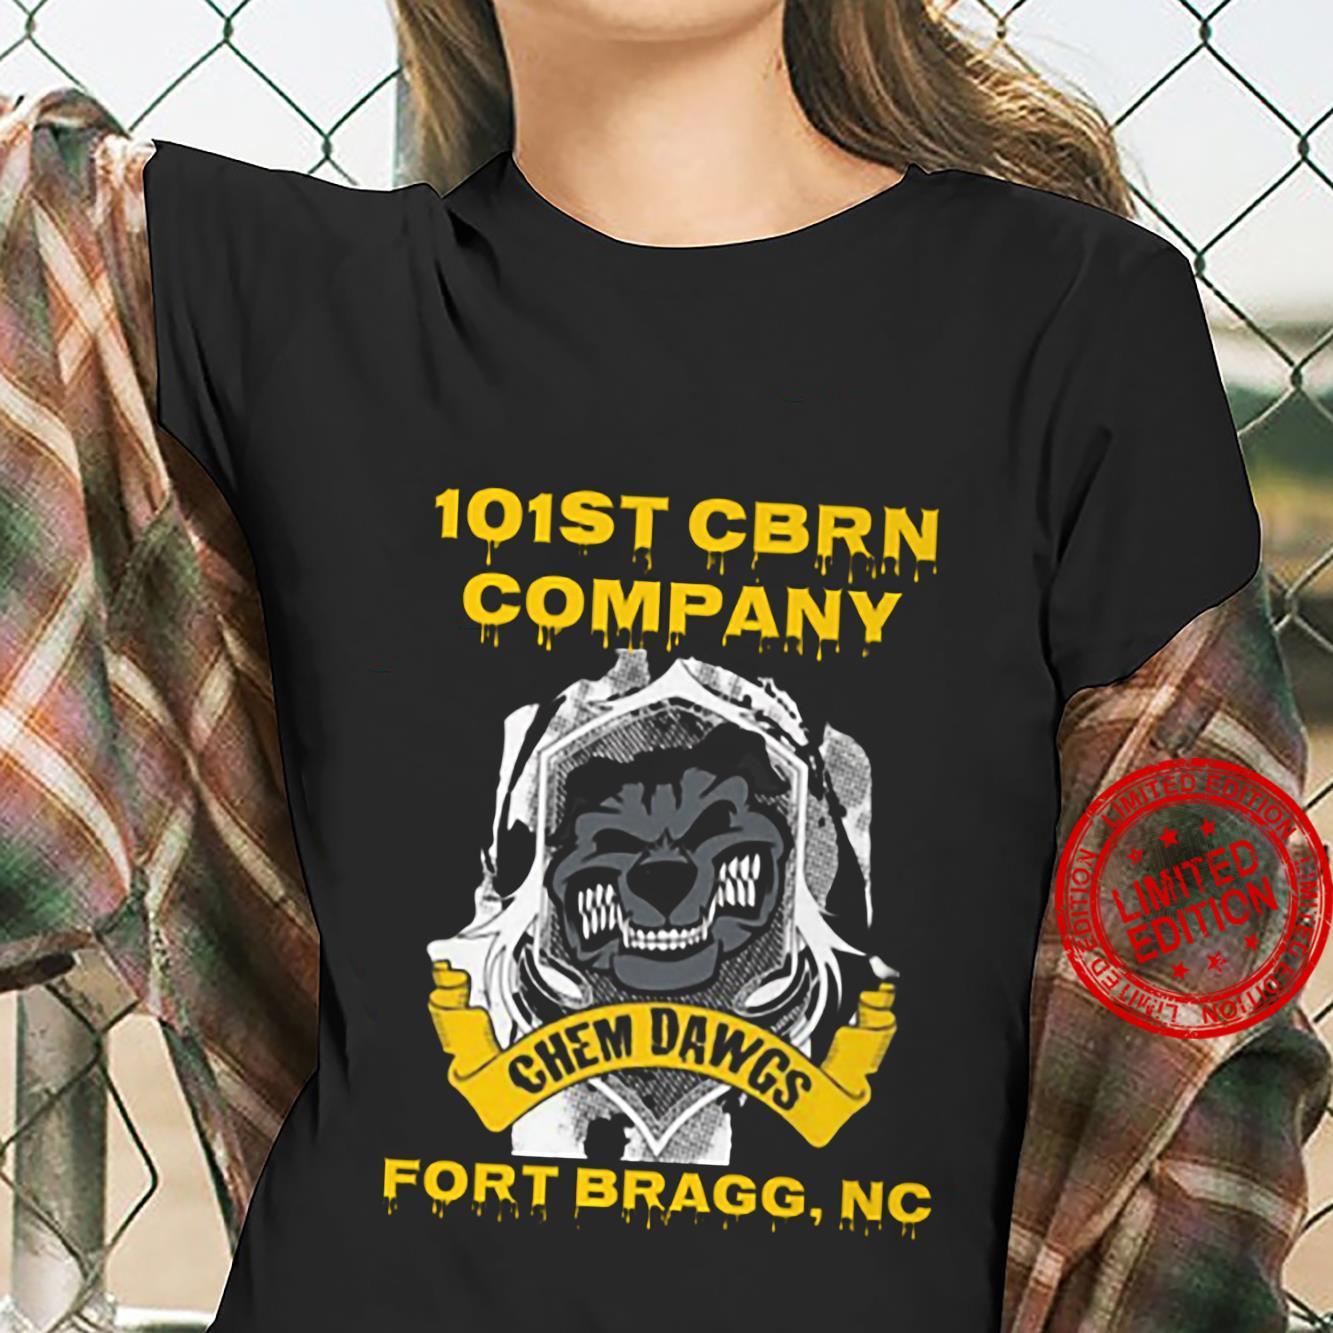 101st Cbrn Company Chem Dawgs Fort Bragg Nc Shirt ladies tee